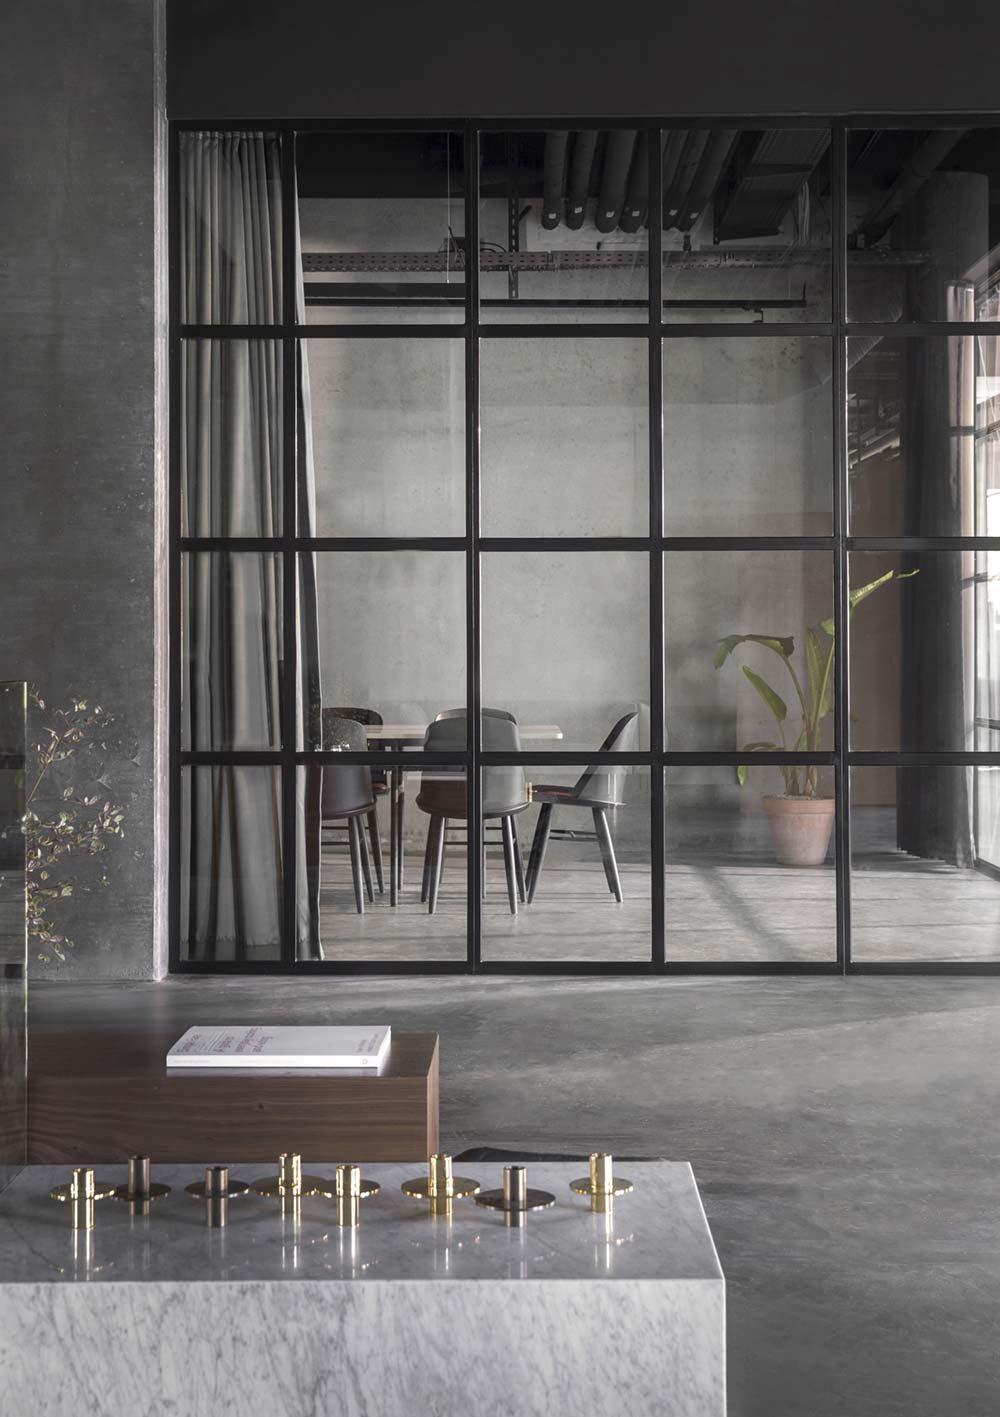 danish design menu showroom - Menu Space Showroom